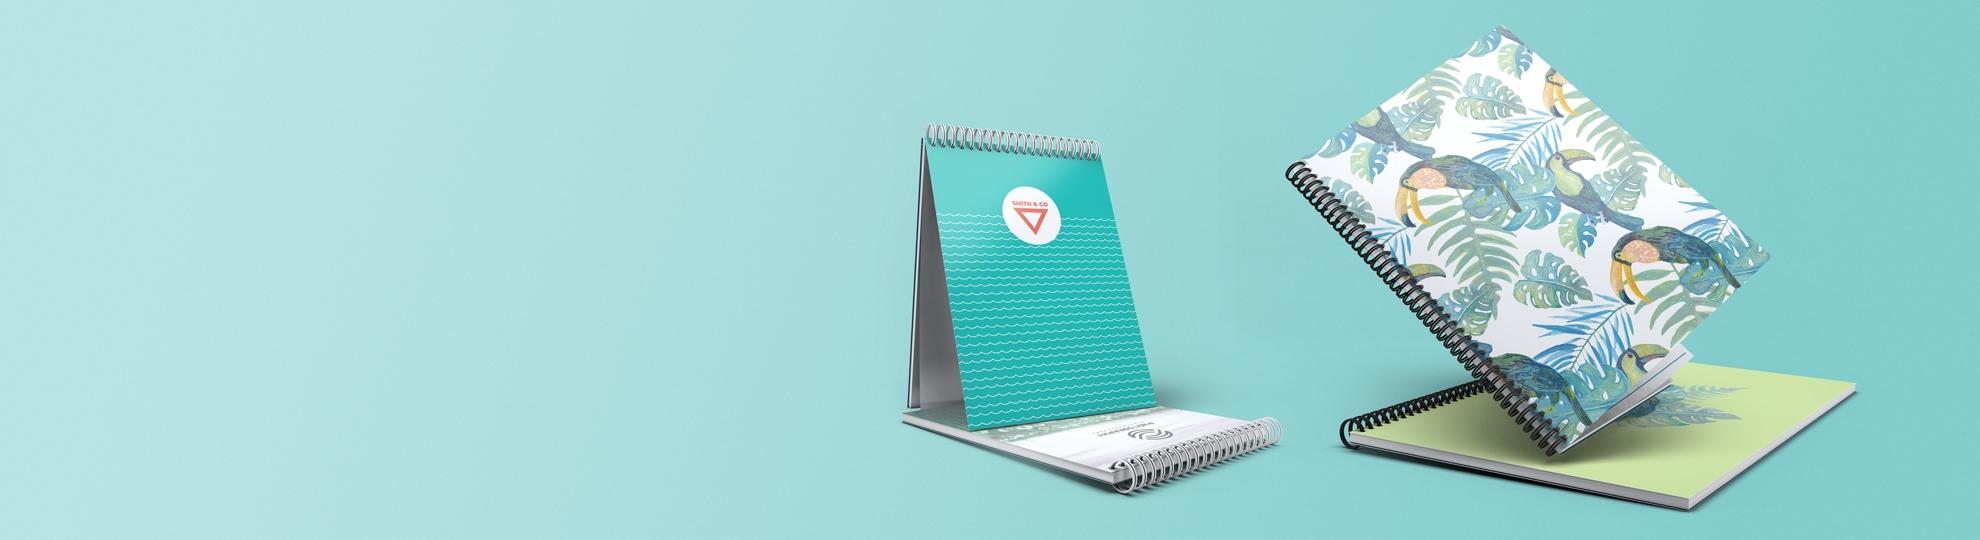 Imprimer carnet de notes personnalisé